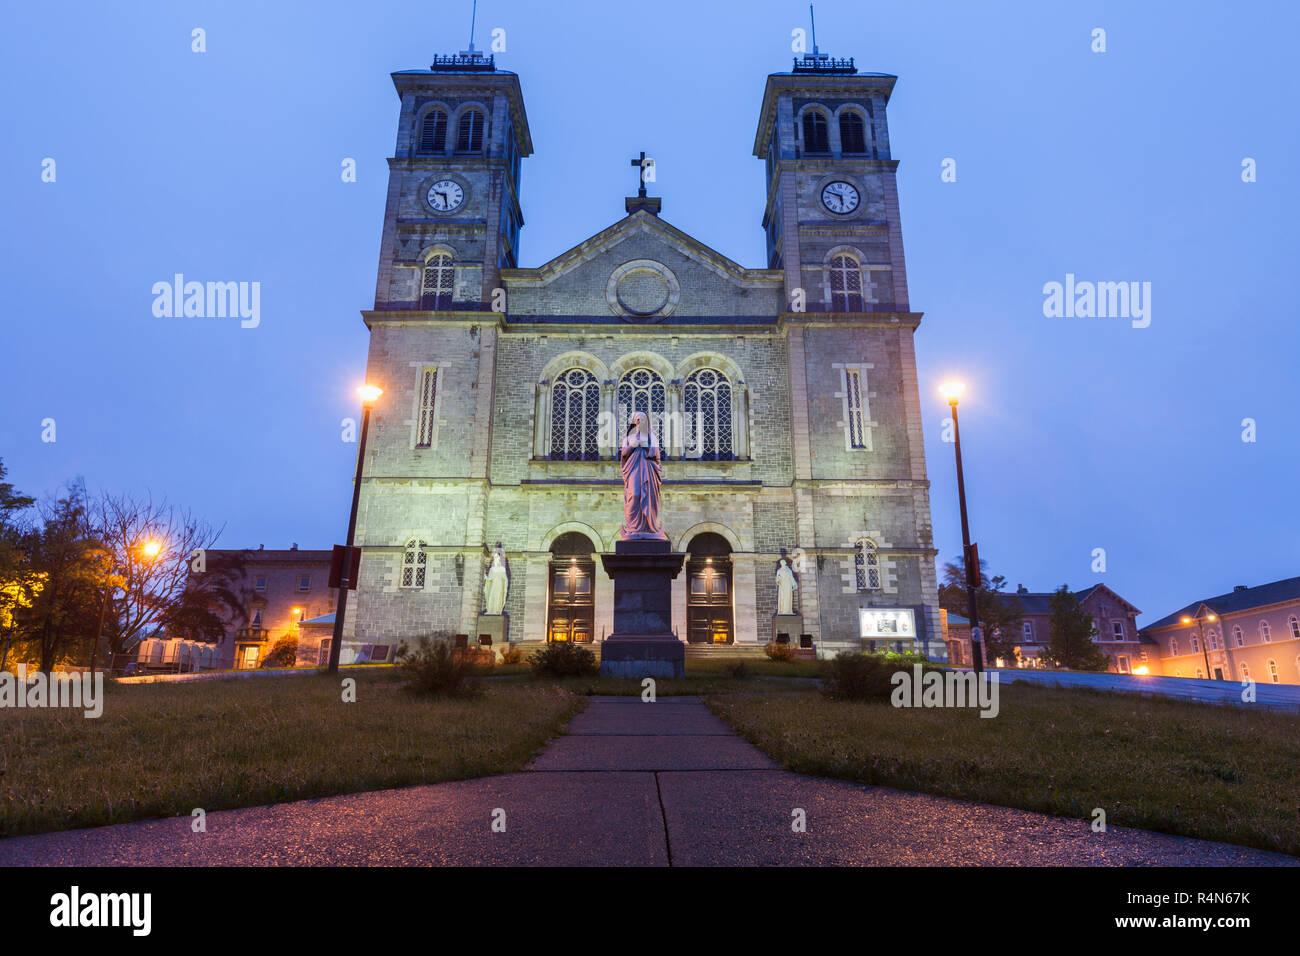 Cathédrale de Saint Jean Baptiste à Terre-Neuve et Labrador, Canada Banque D'Images